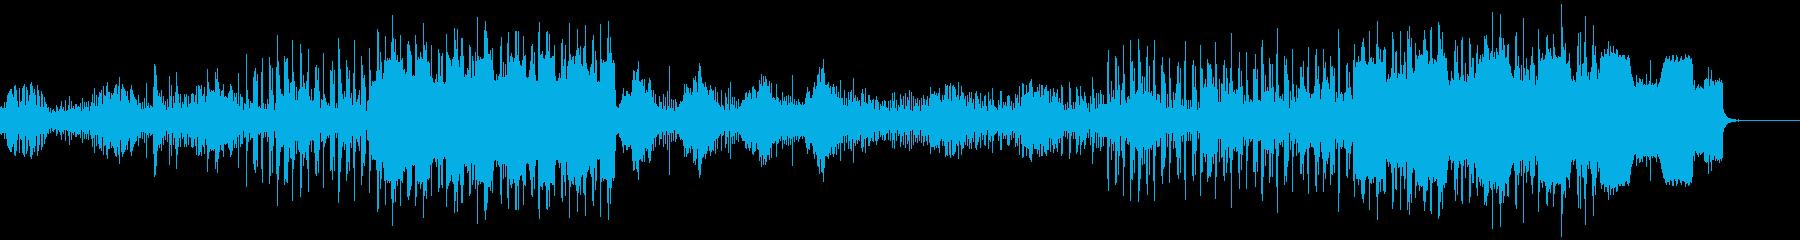 未来的な移動シーンに最適なテクノロックの再生済みの波形